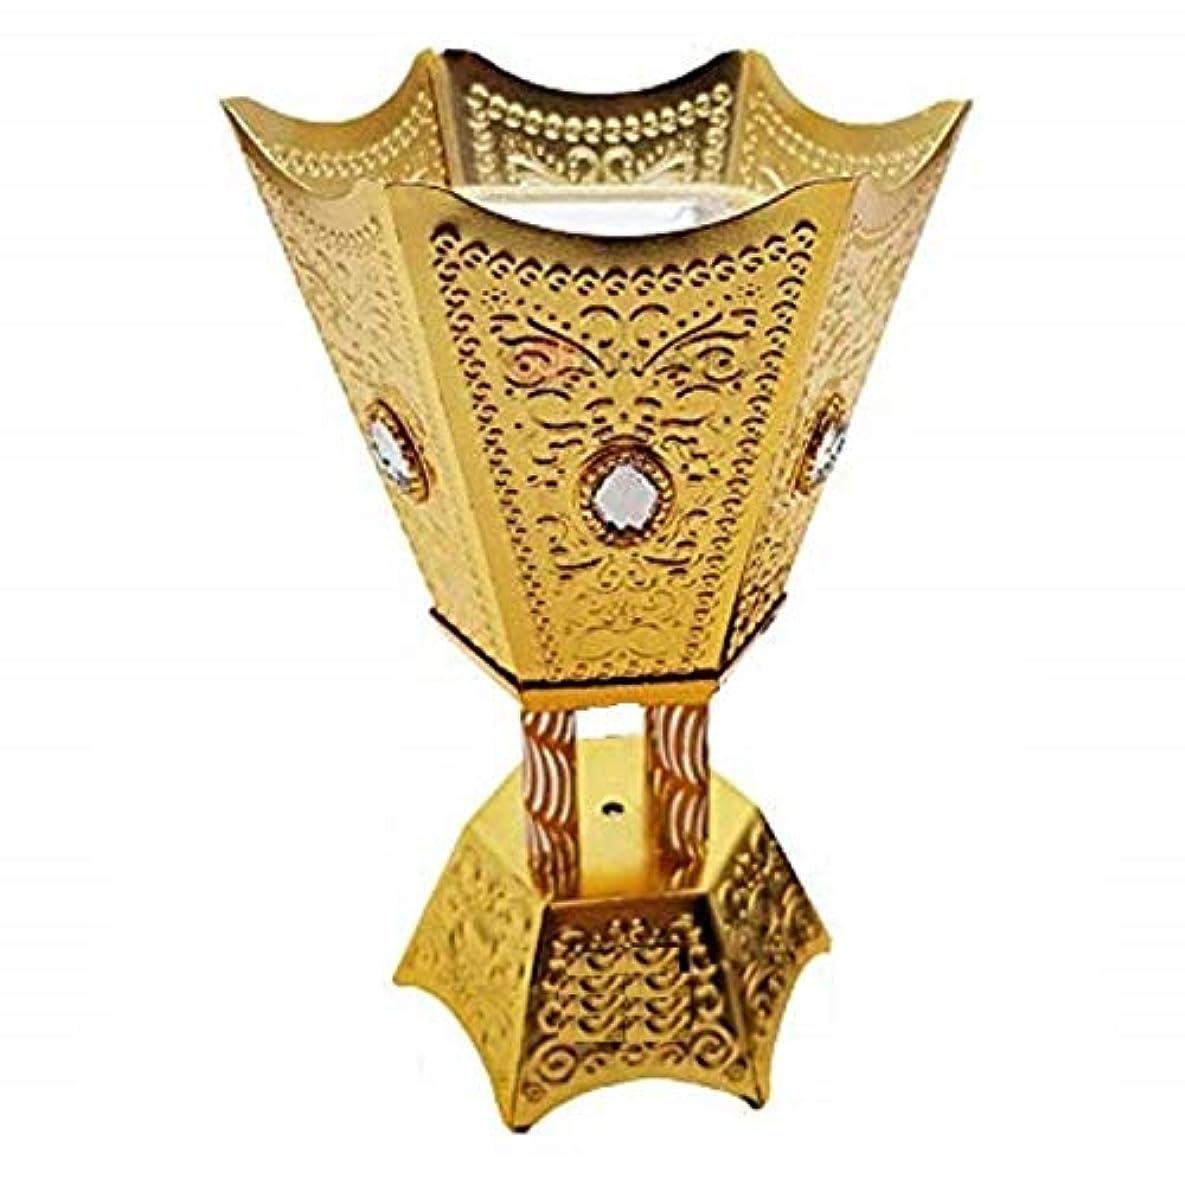 白鳥実験室側溝OMG-Deal Incense Burner Charcoal Bakhoor Frankincense Resin – Luxury Hand Painted Burner - WF -001 Golden